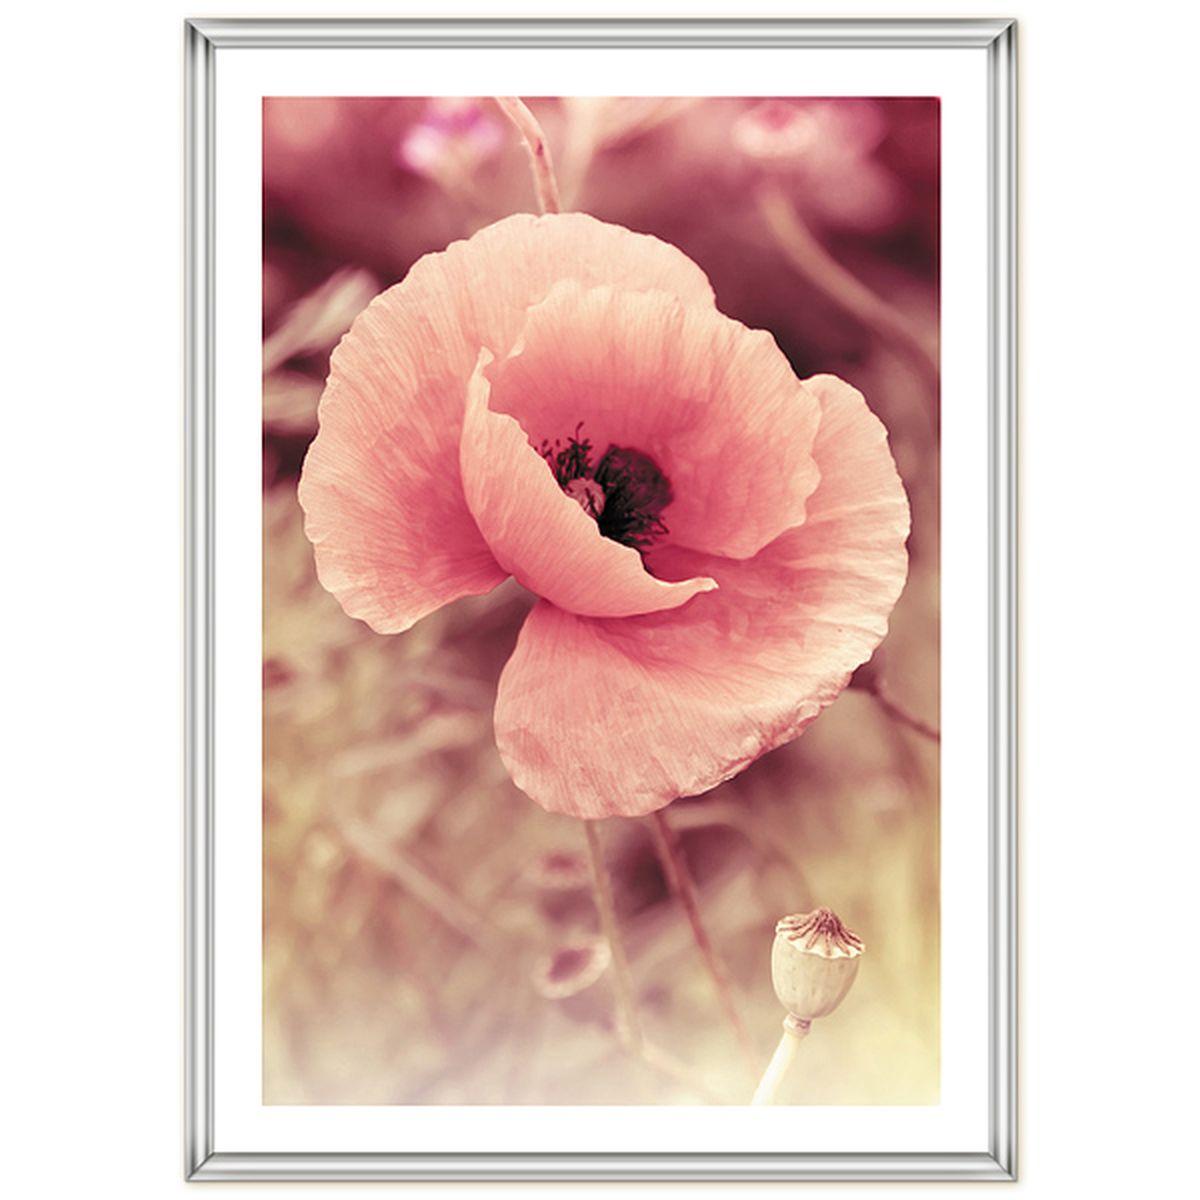 Фоторамка Pioneer Poster Silver, 40 x 50 см9110 PR foilРамка для фото формата 40х50 см. Материал: пластик. Материалы, использованные в изготовлении рамок, обеспечивают высокое качество хранения Ваших фотографий, поэтому фотографии не желтеют со временем.